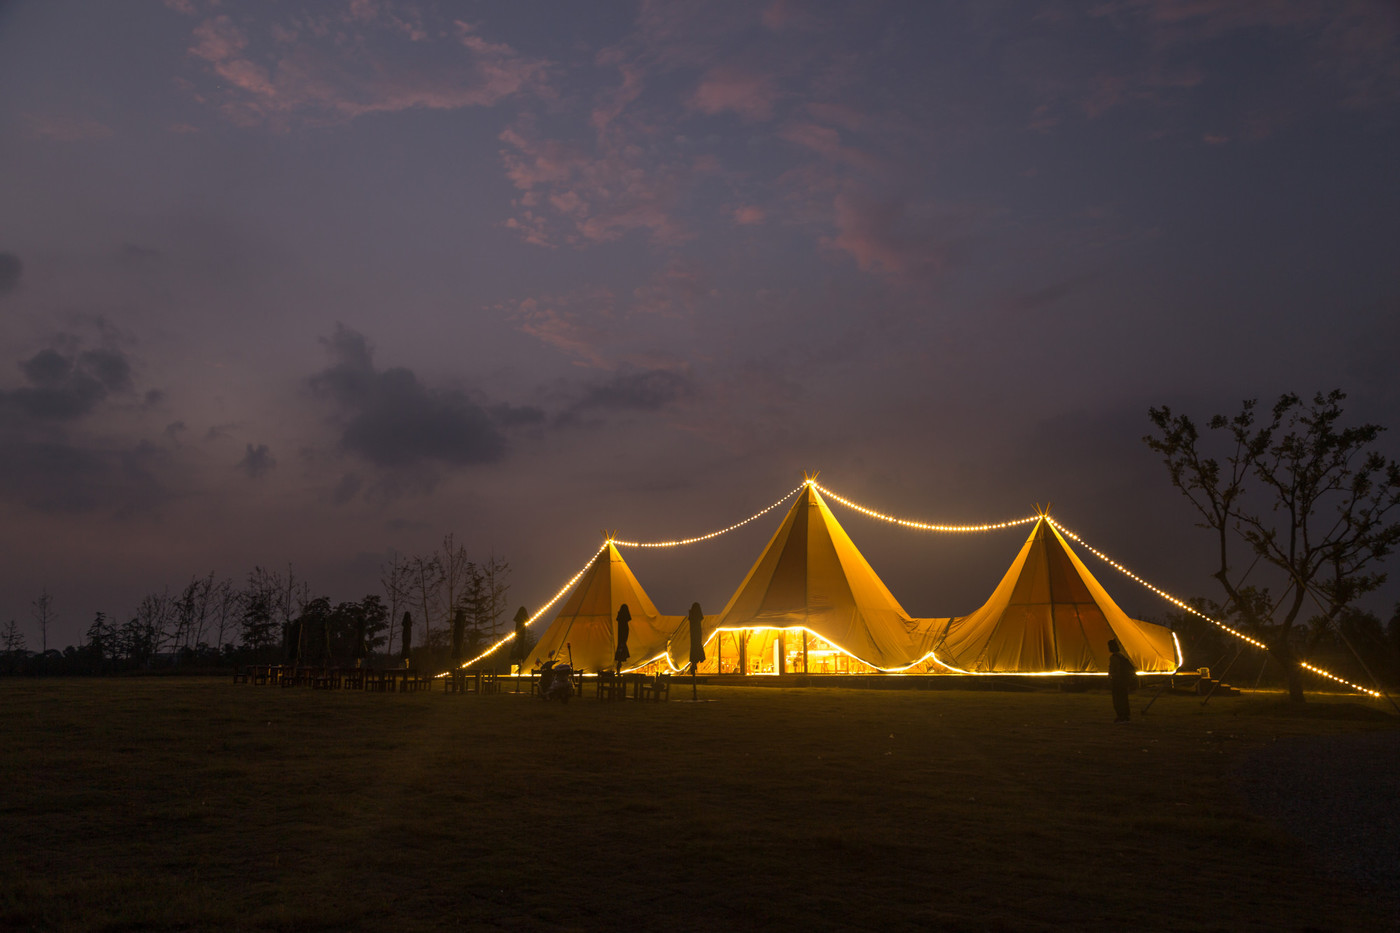 喜马拉雅印第安多功能大厅帐篷酒店19